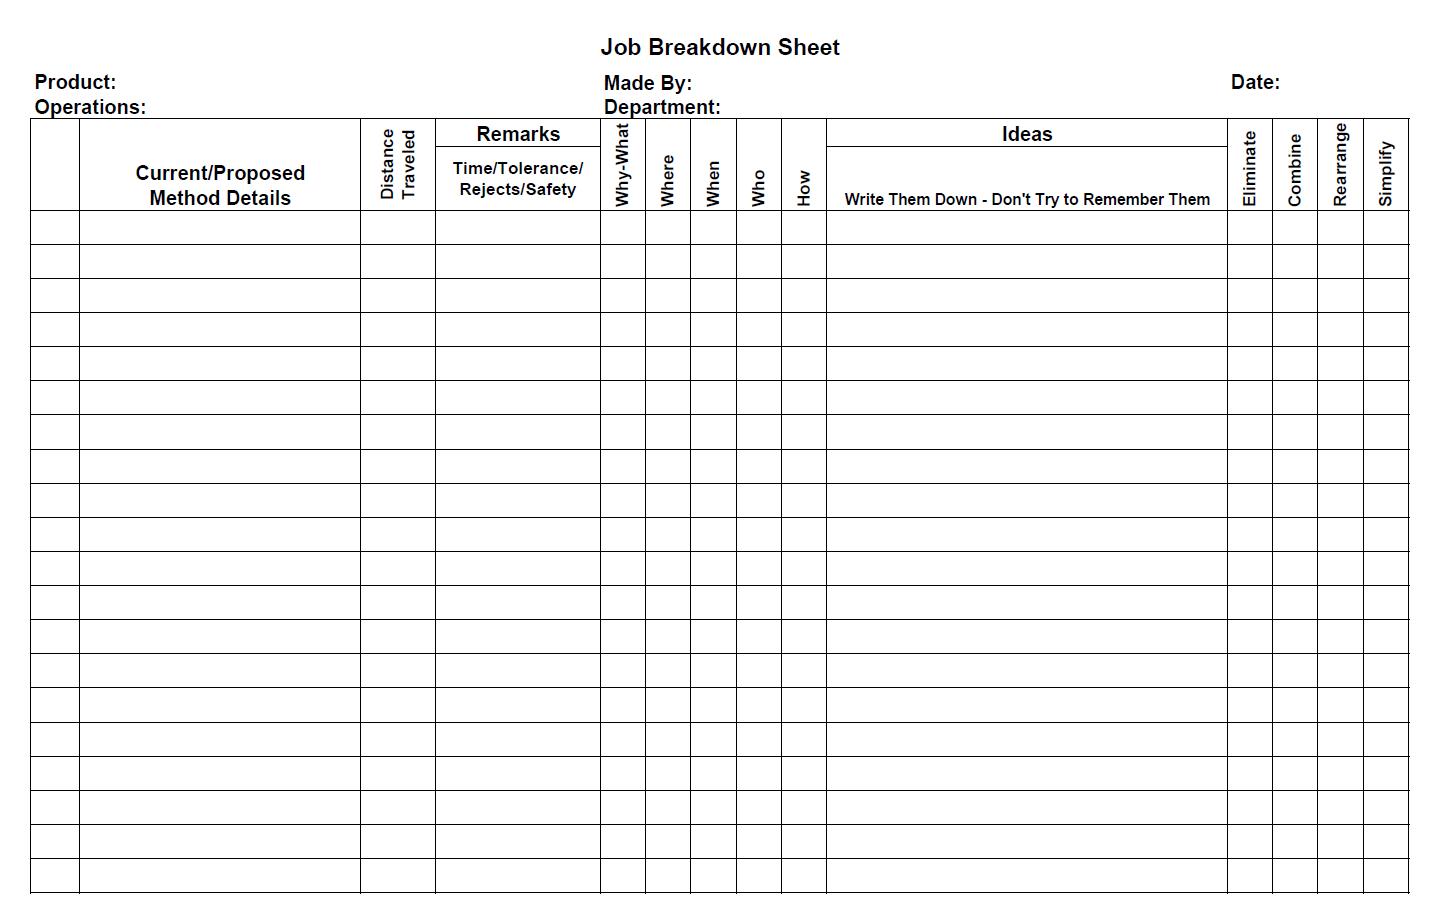 Jm Job Breakdown Sheet Blank